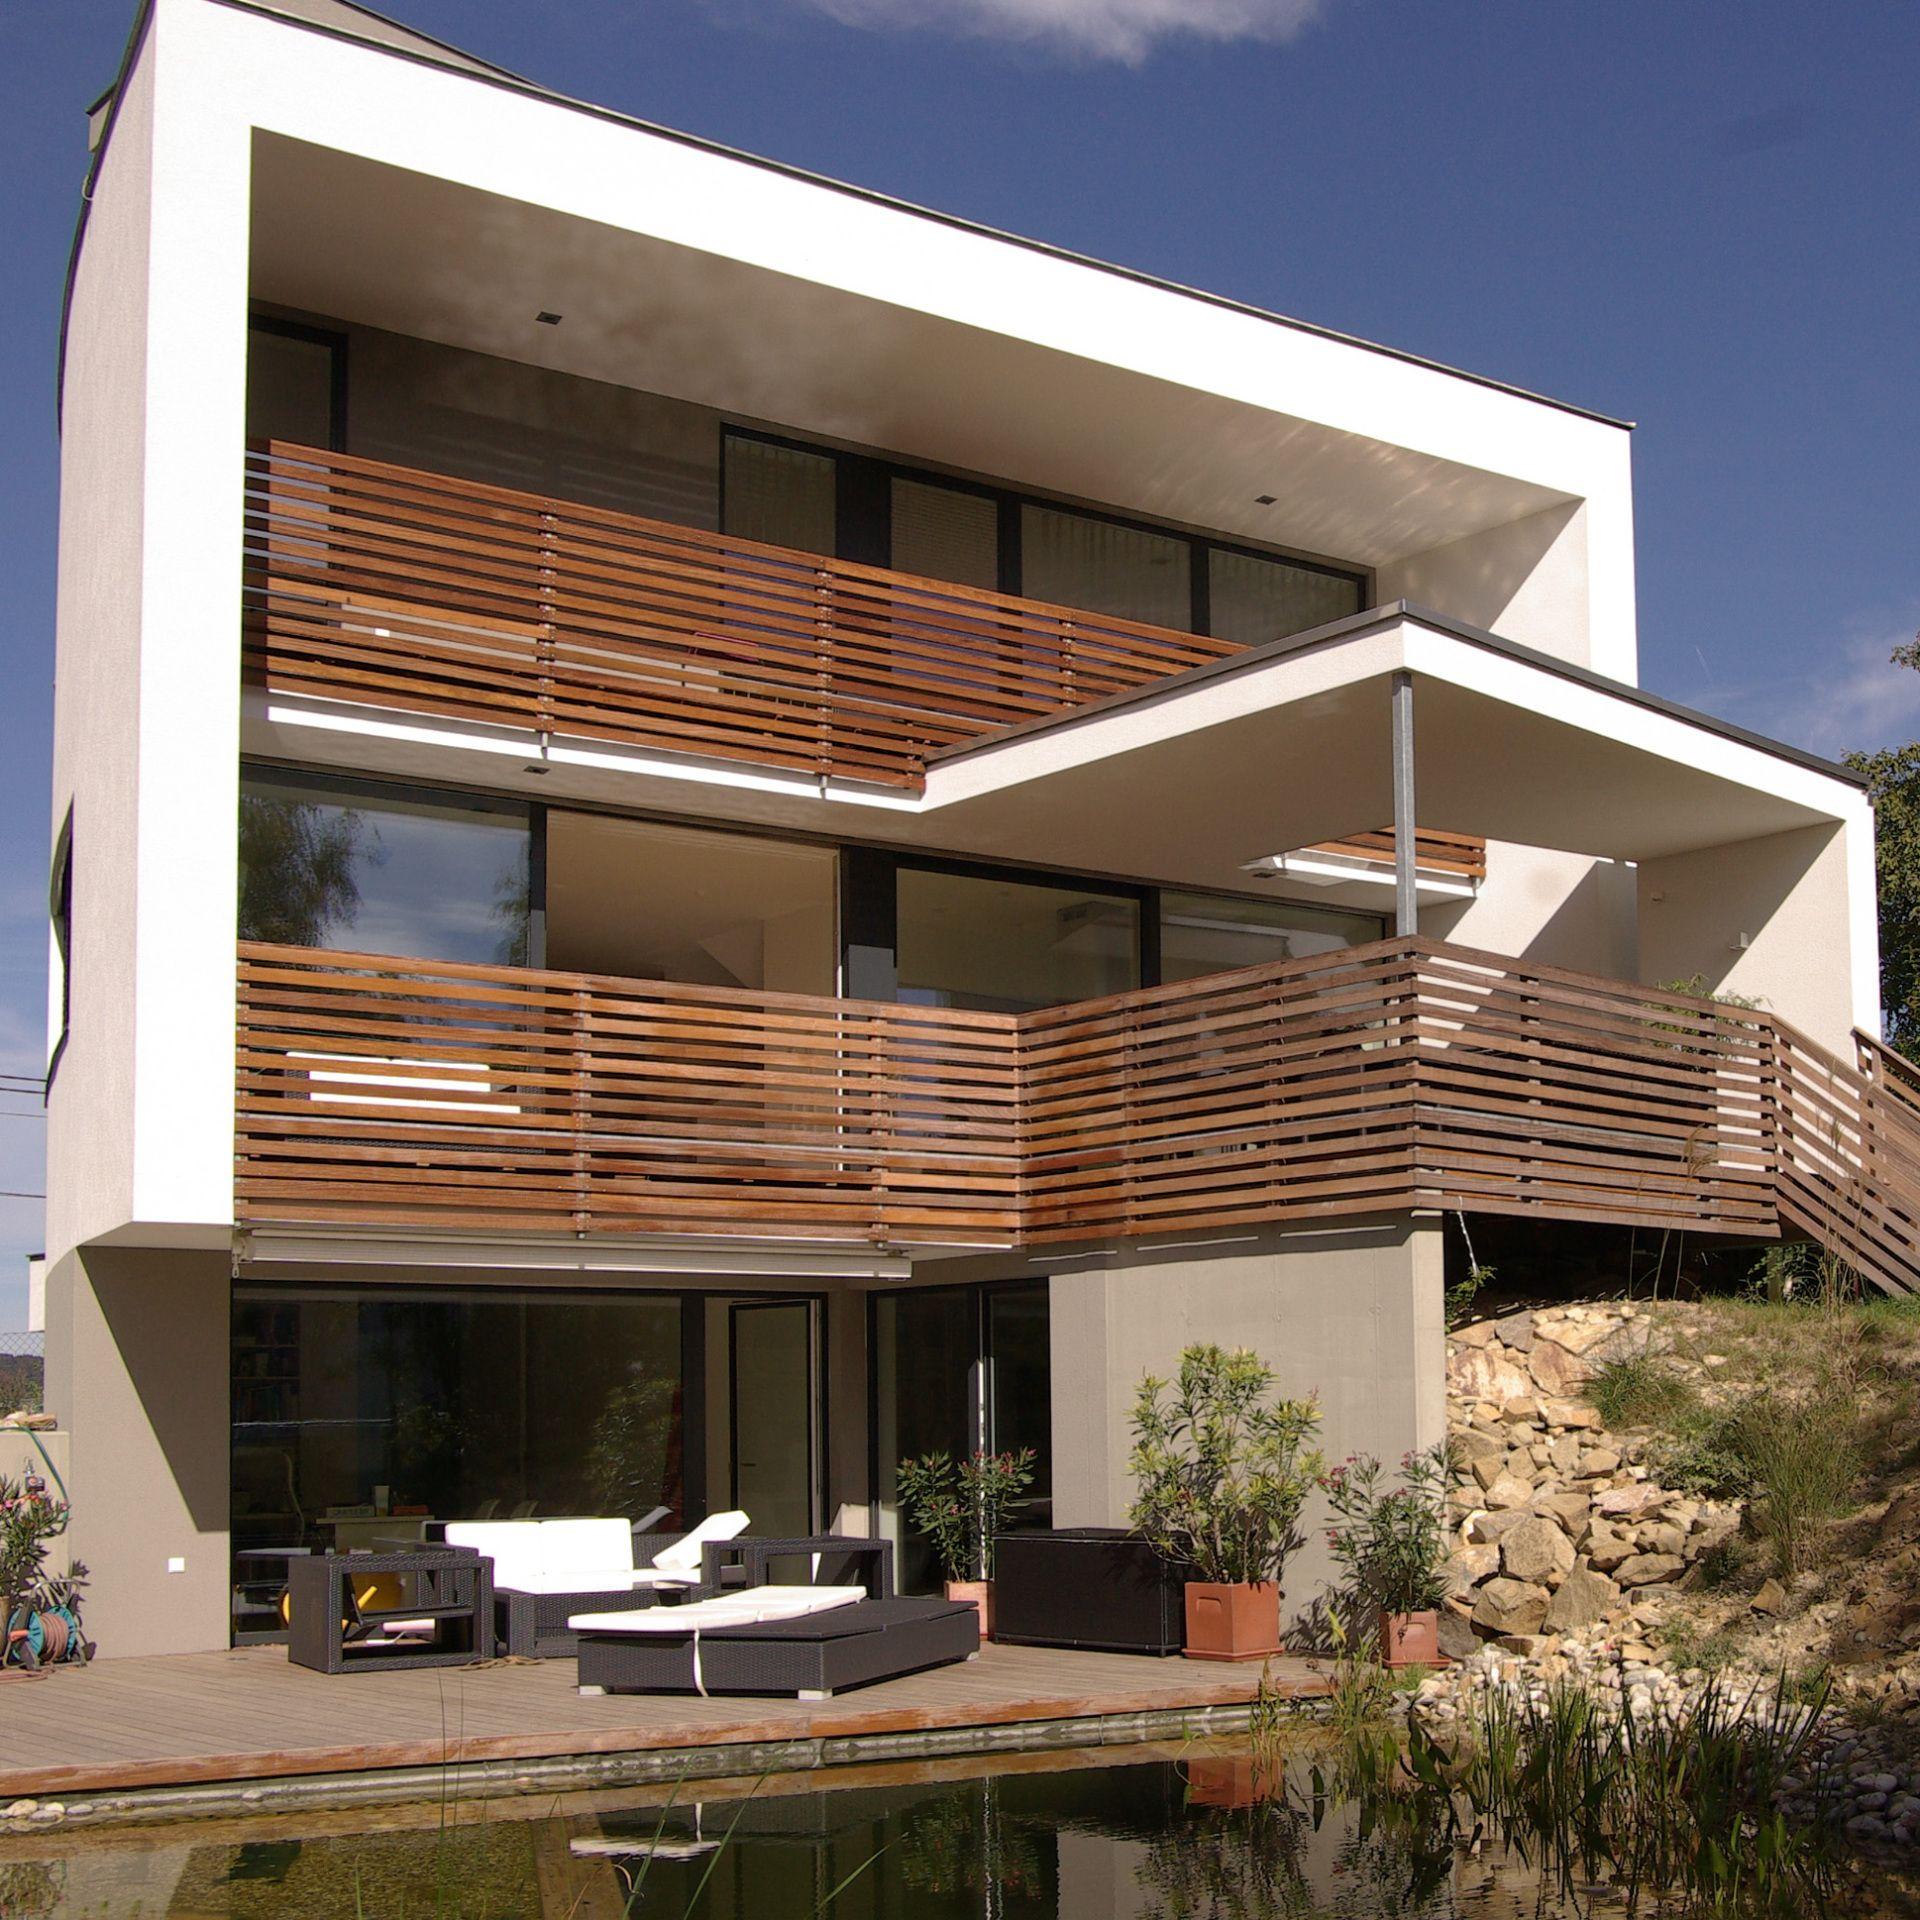 haus in wien architektur entwurf planung baumanagement rtliche bauaufsicht architekt. Black Bedroom Furniture Sets. Home Design Ideas